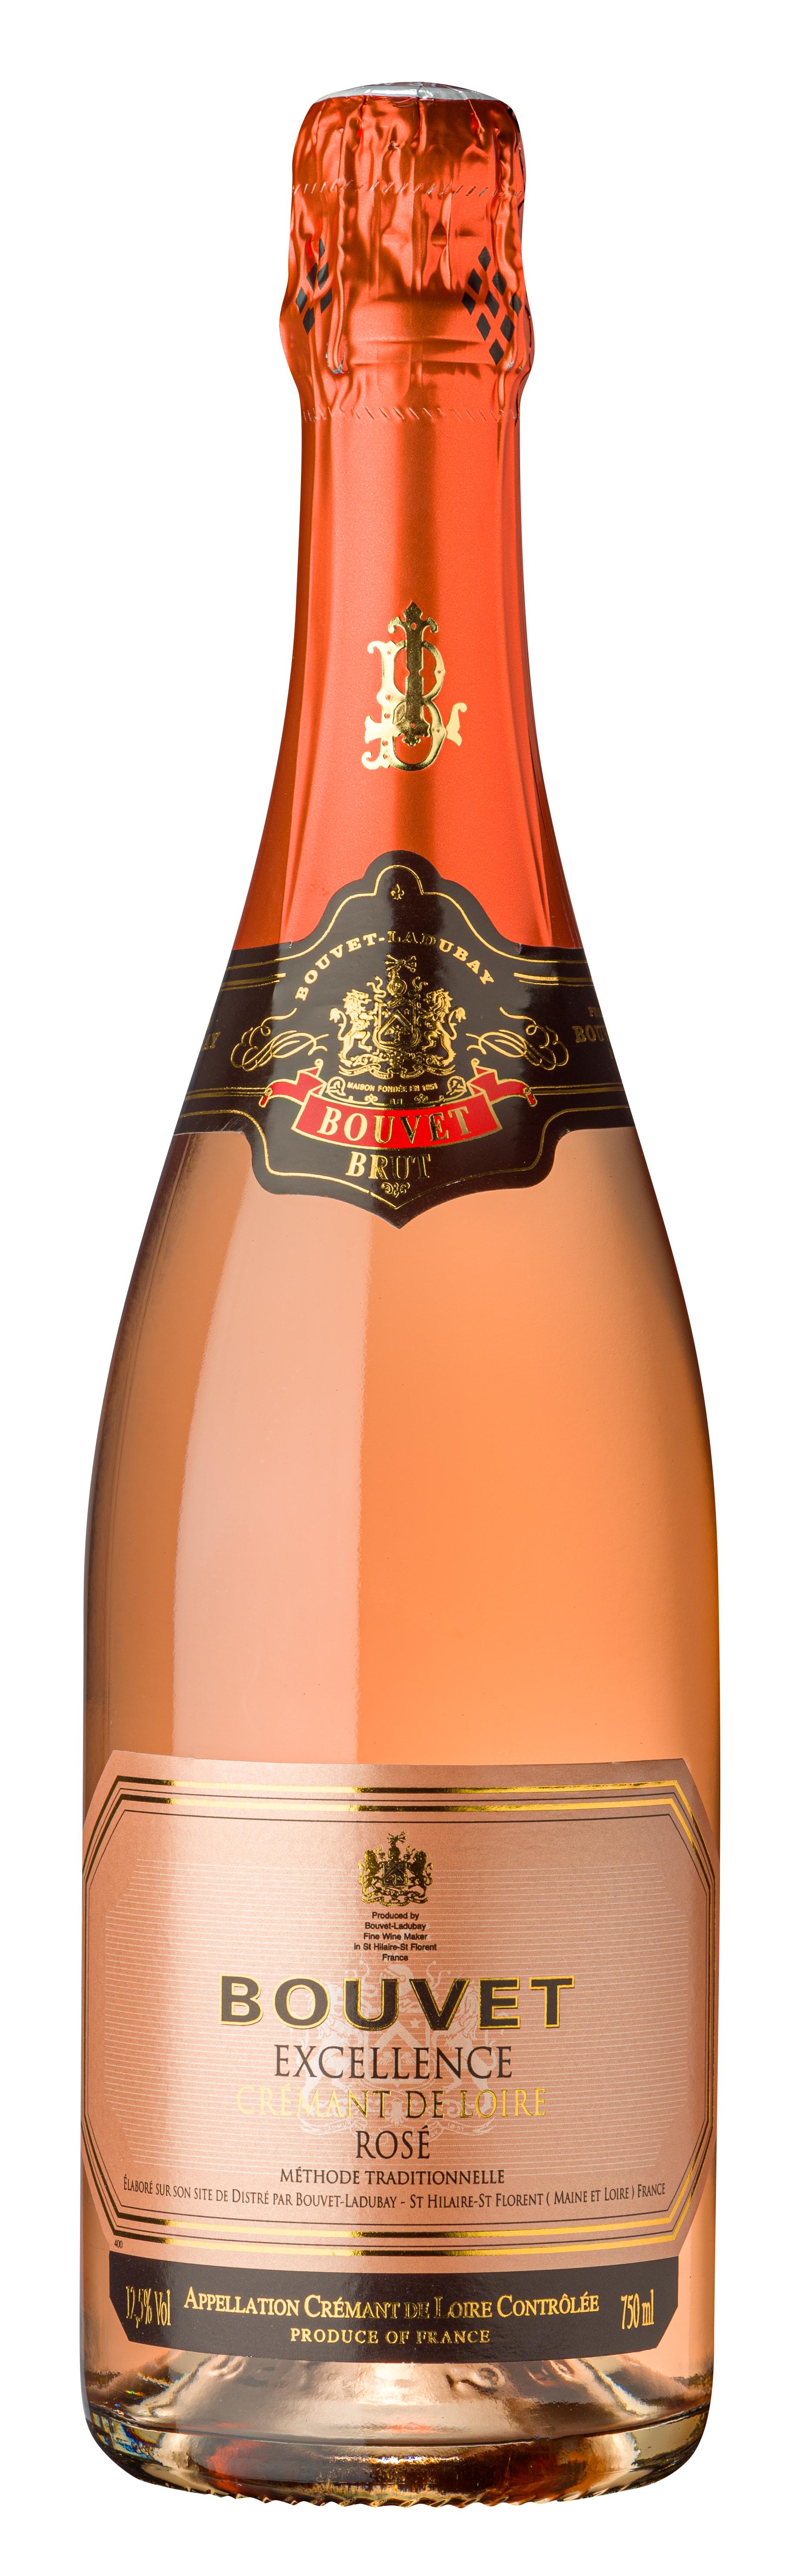 Bouvet ROSE Brut 1851 Cabernet Franc 100 %